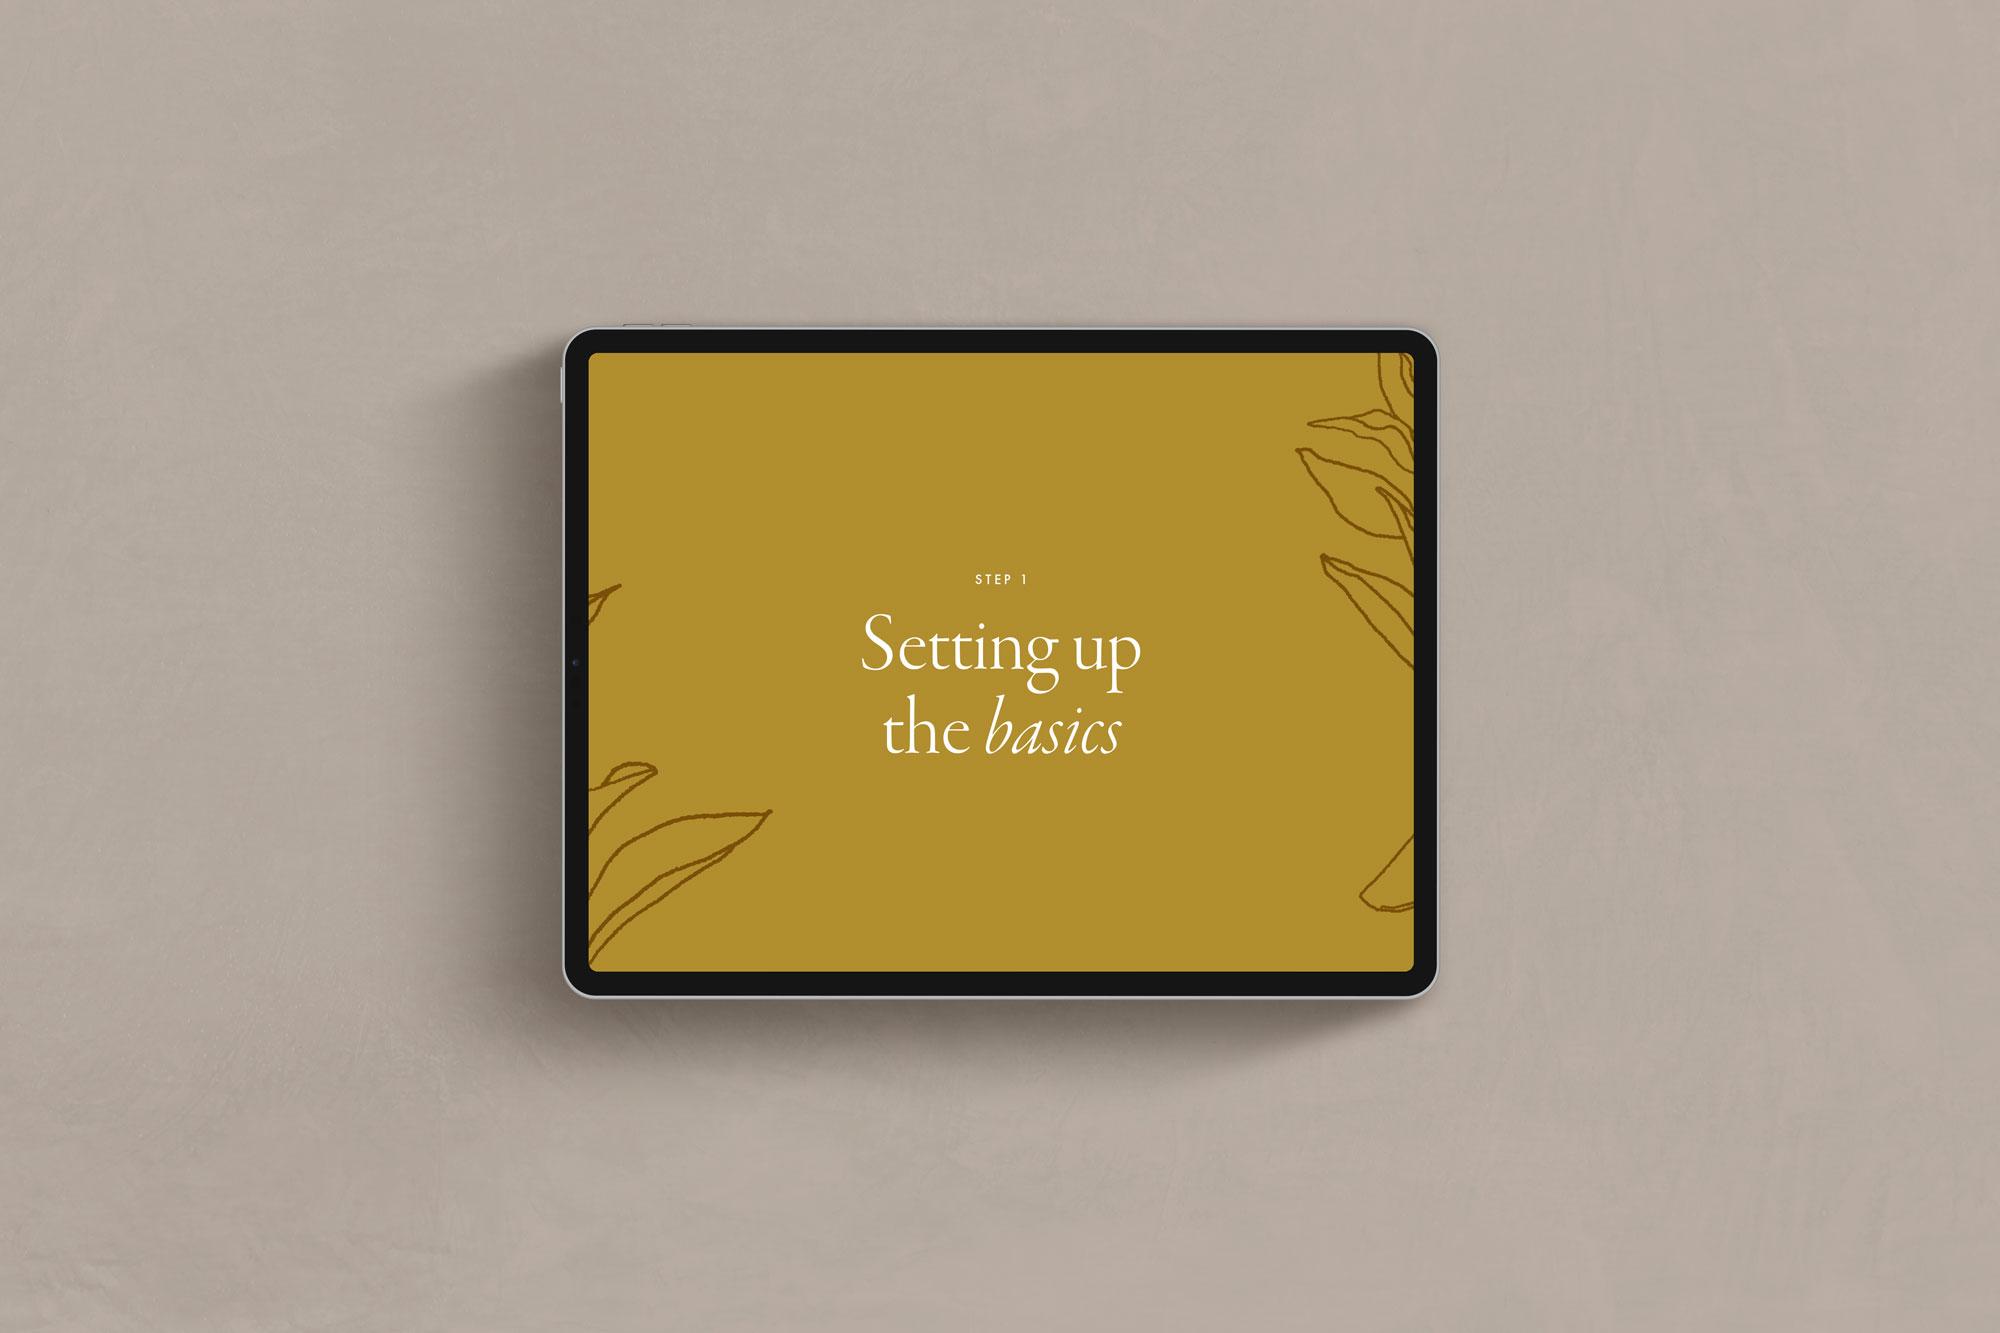 Setting up the basics -